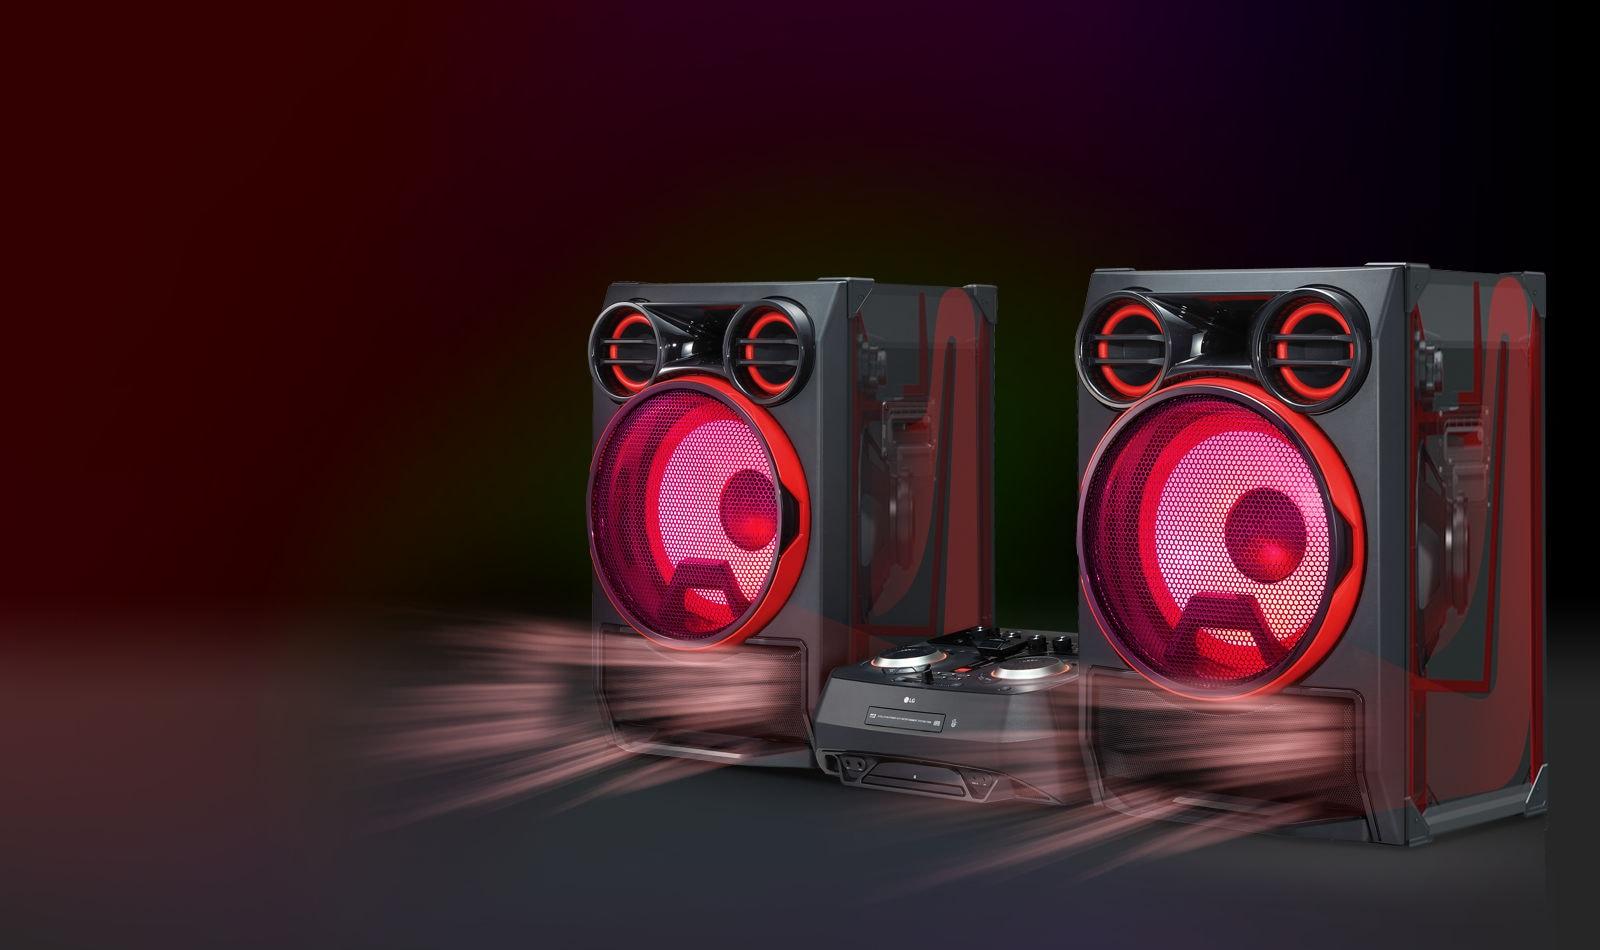 02_CK99_Hear_The_Beat_Feel_it_Desktop